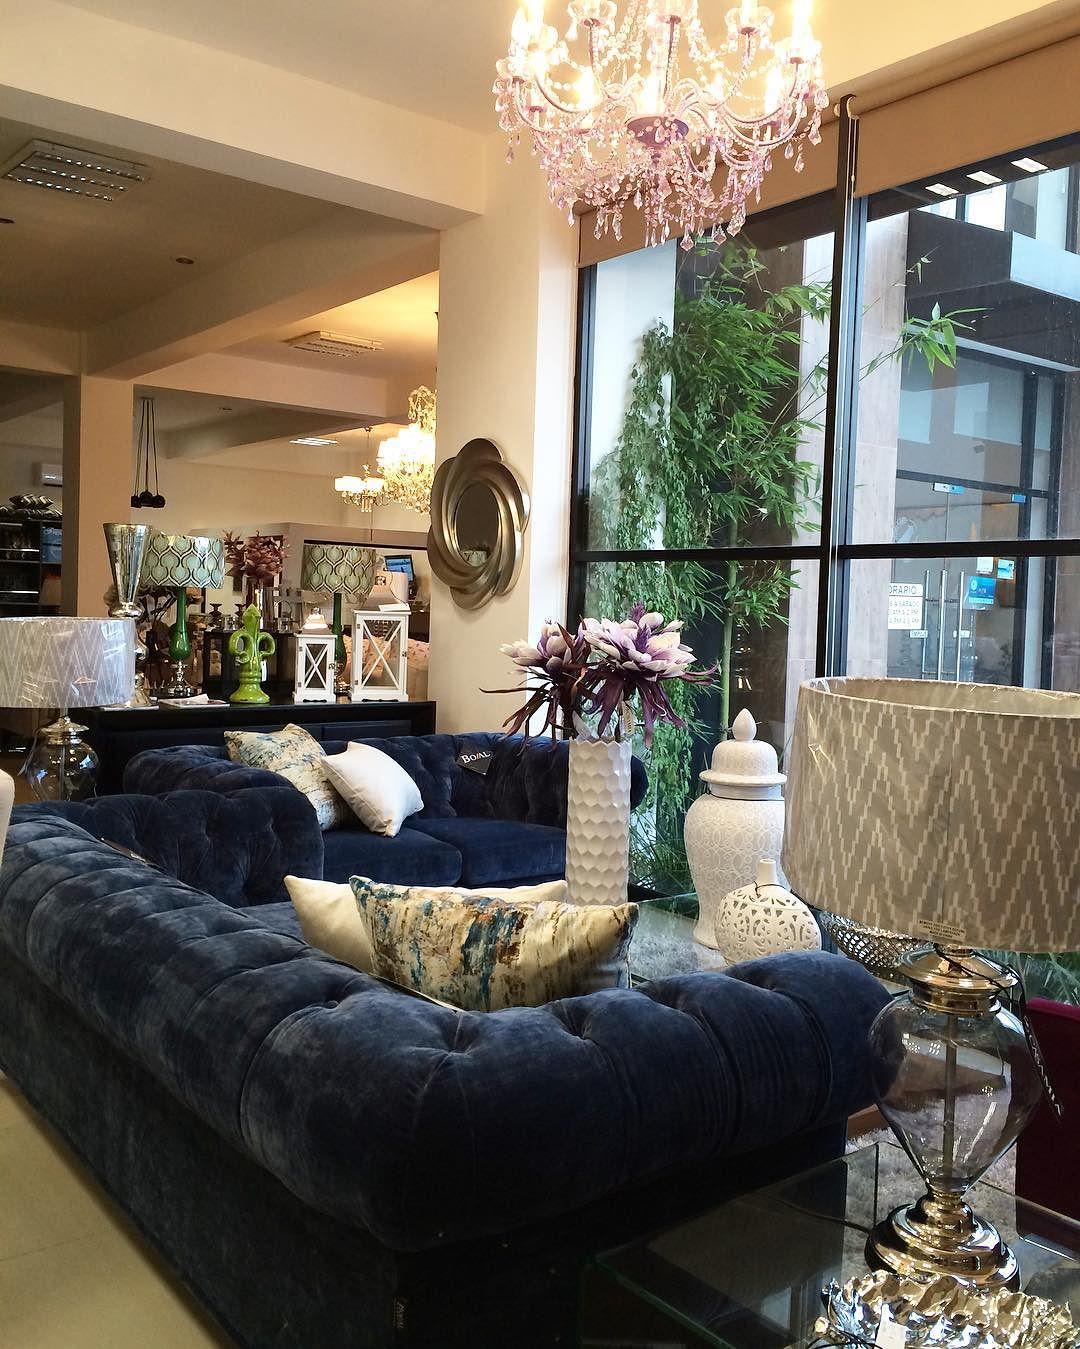 Accesorios que te ayudan a decorar tu hogar 13 Accesorios para decorar interiores